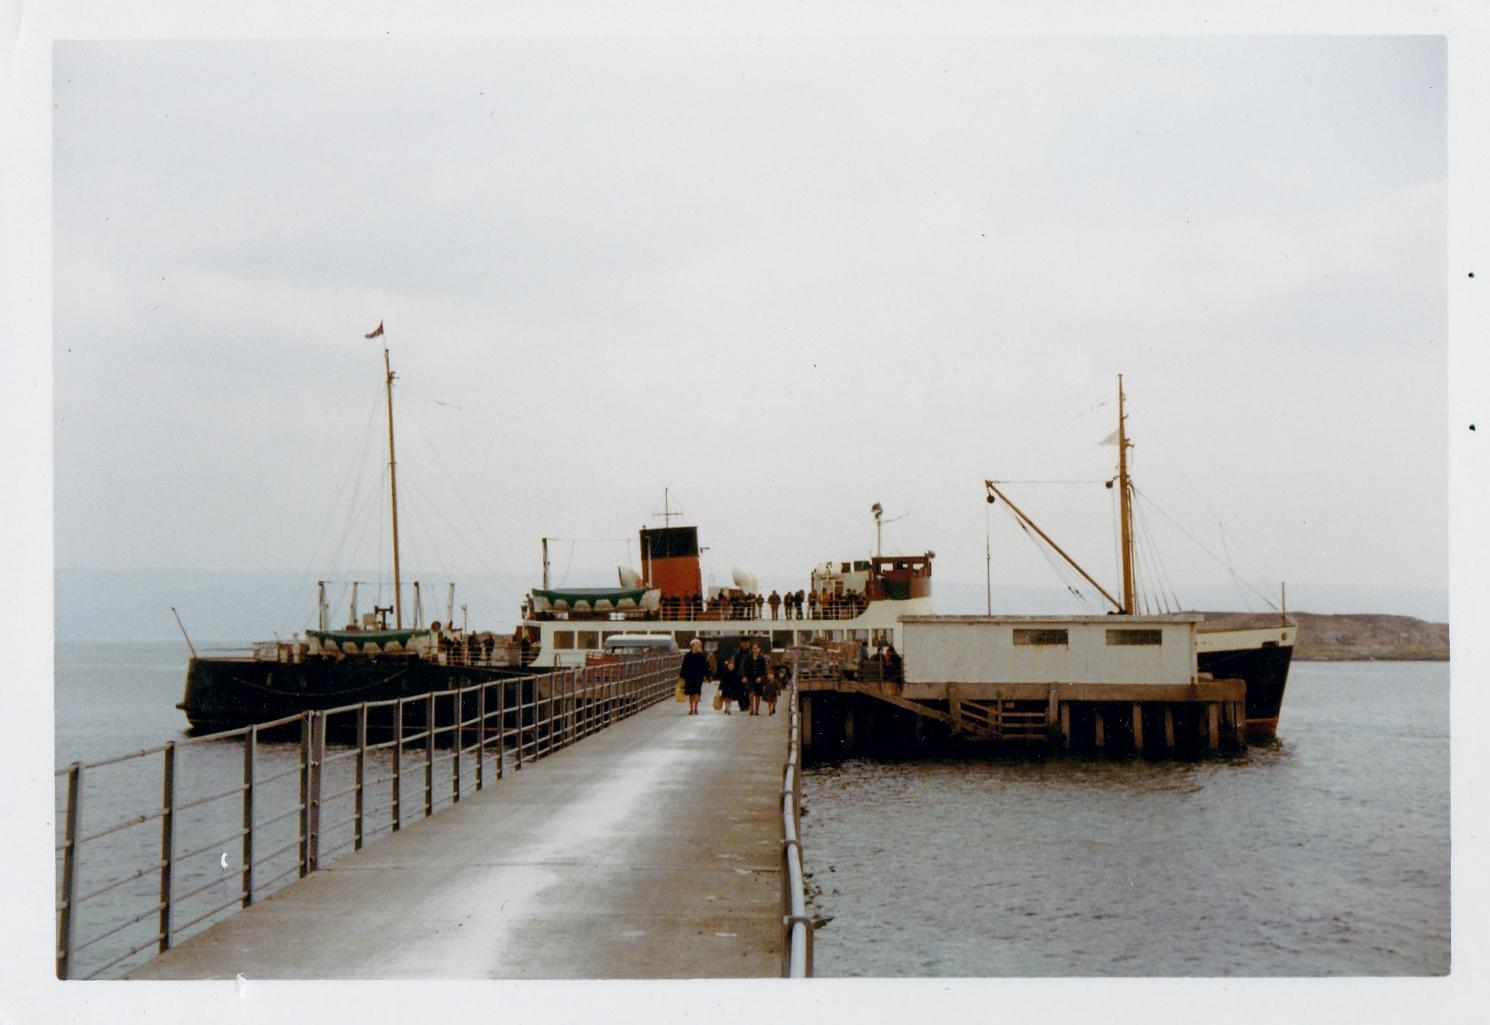 Lochiel at Gigha South Pier